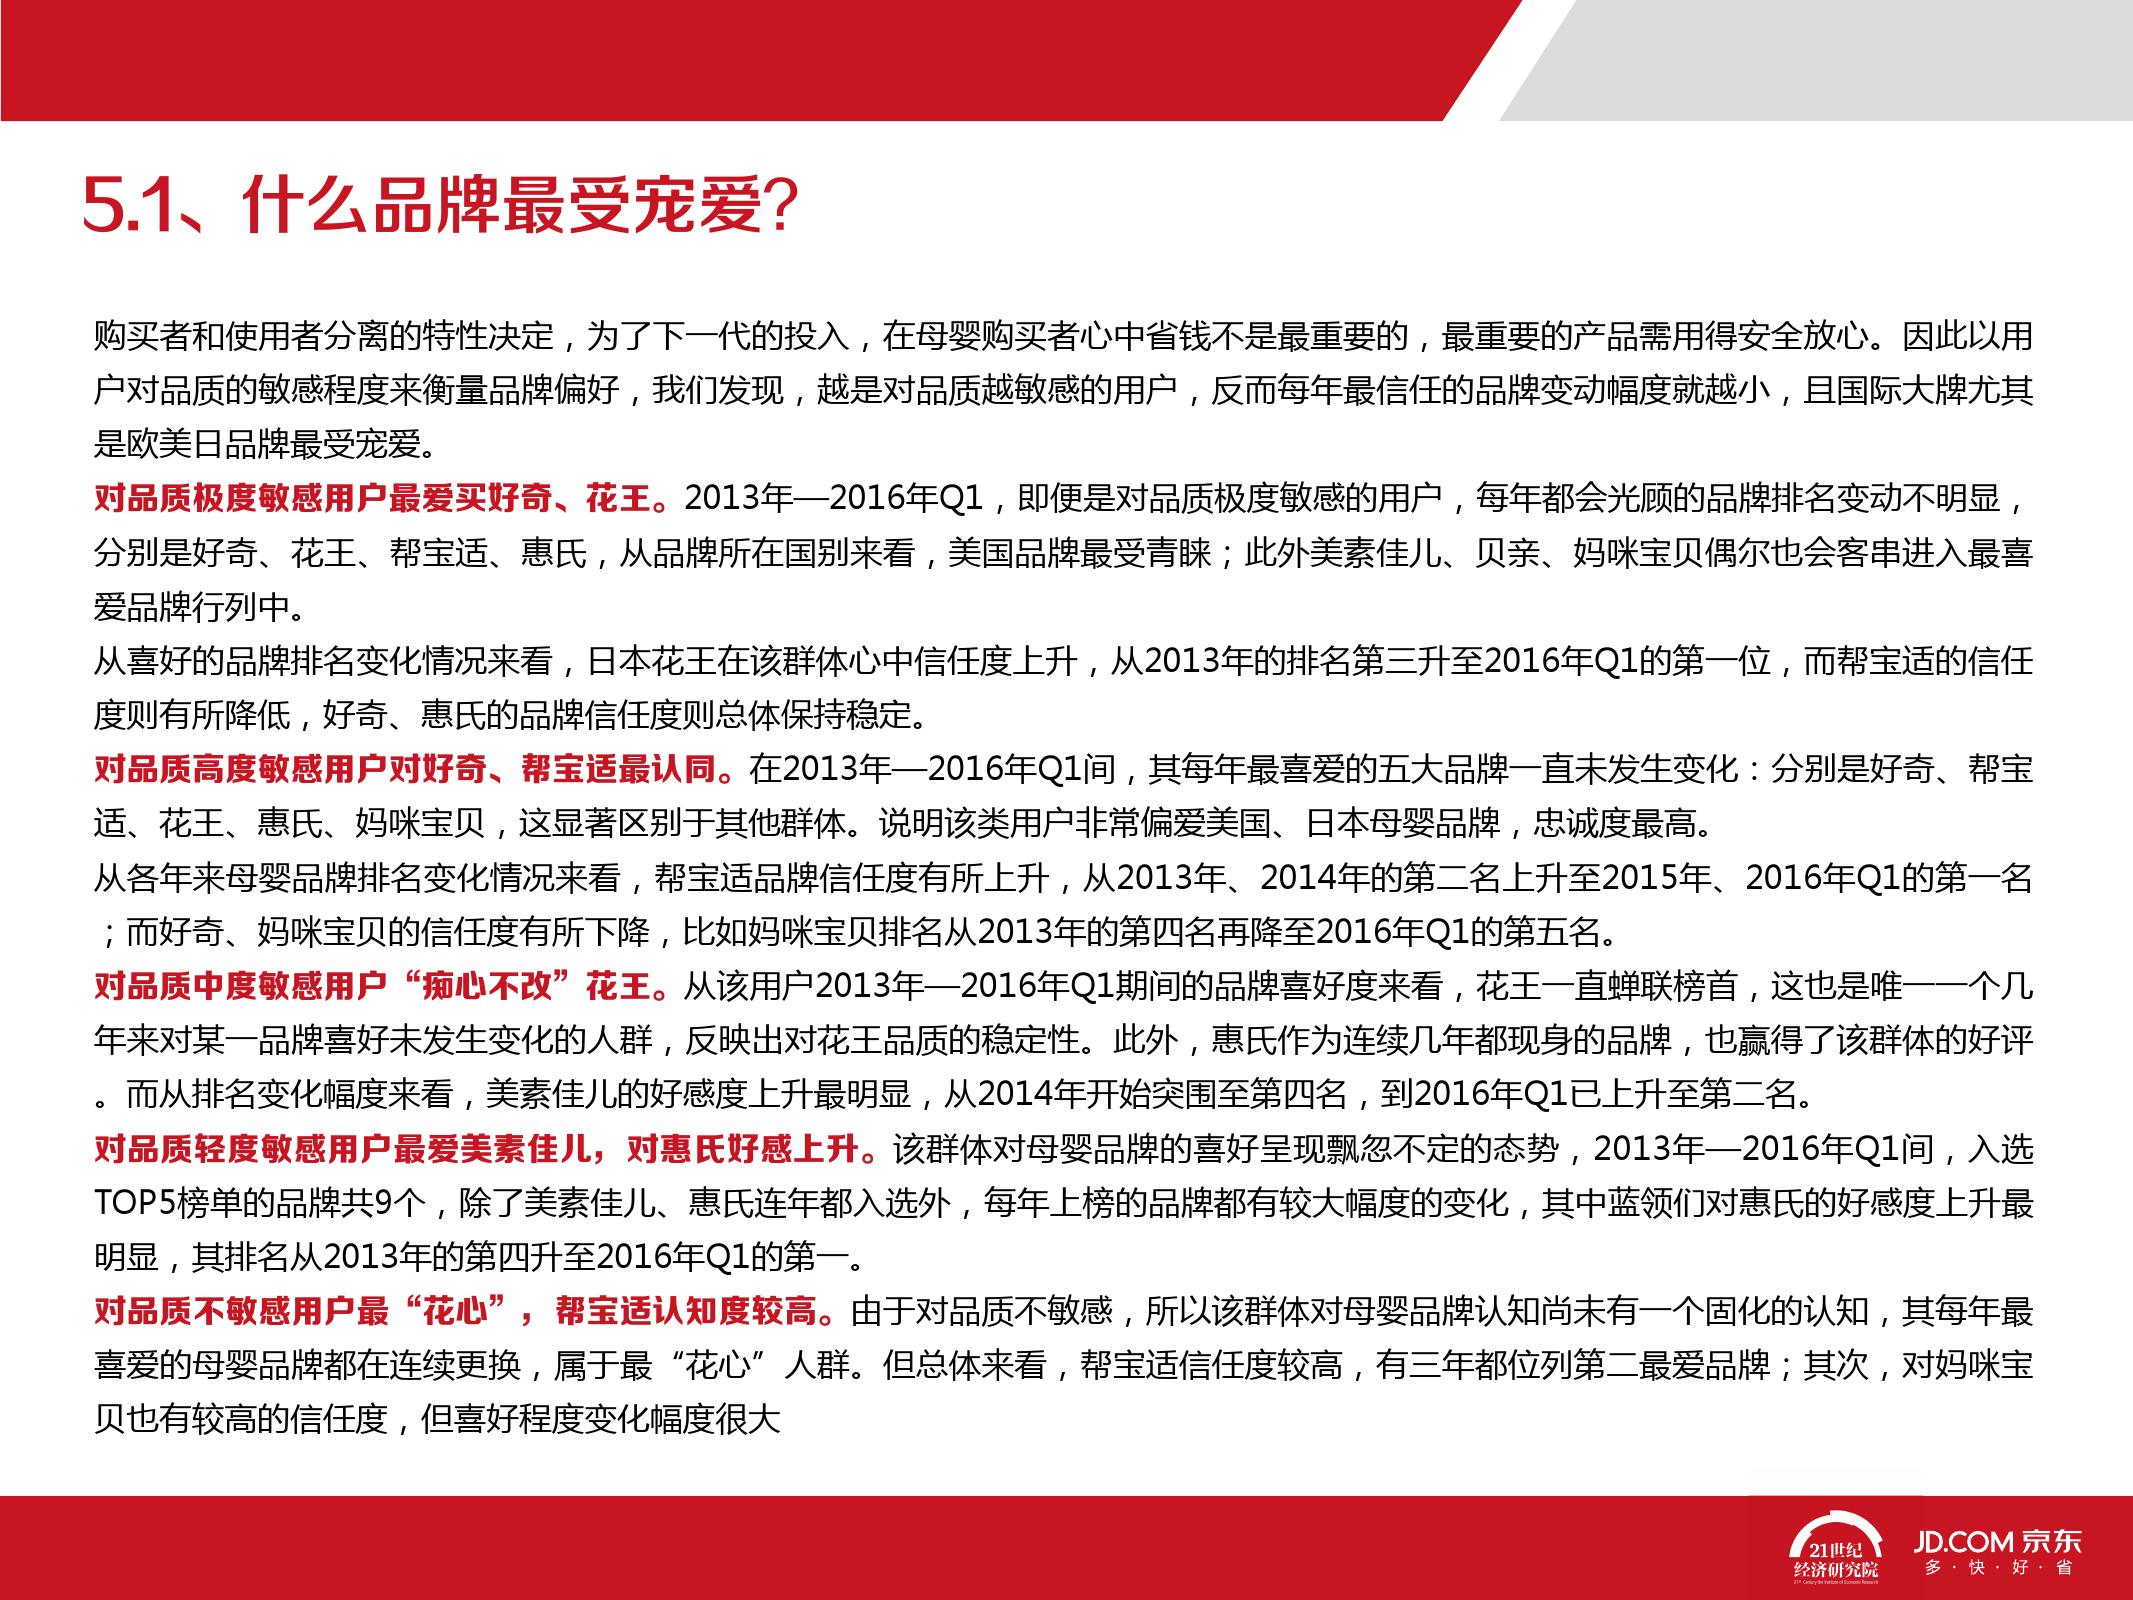 2016中国母婴产品消费趋势报告_000055